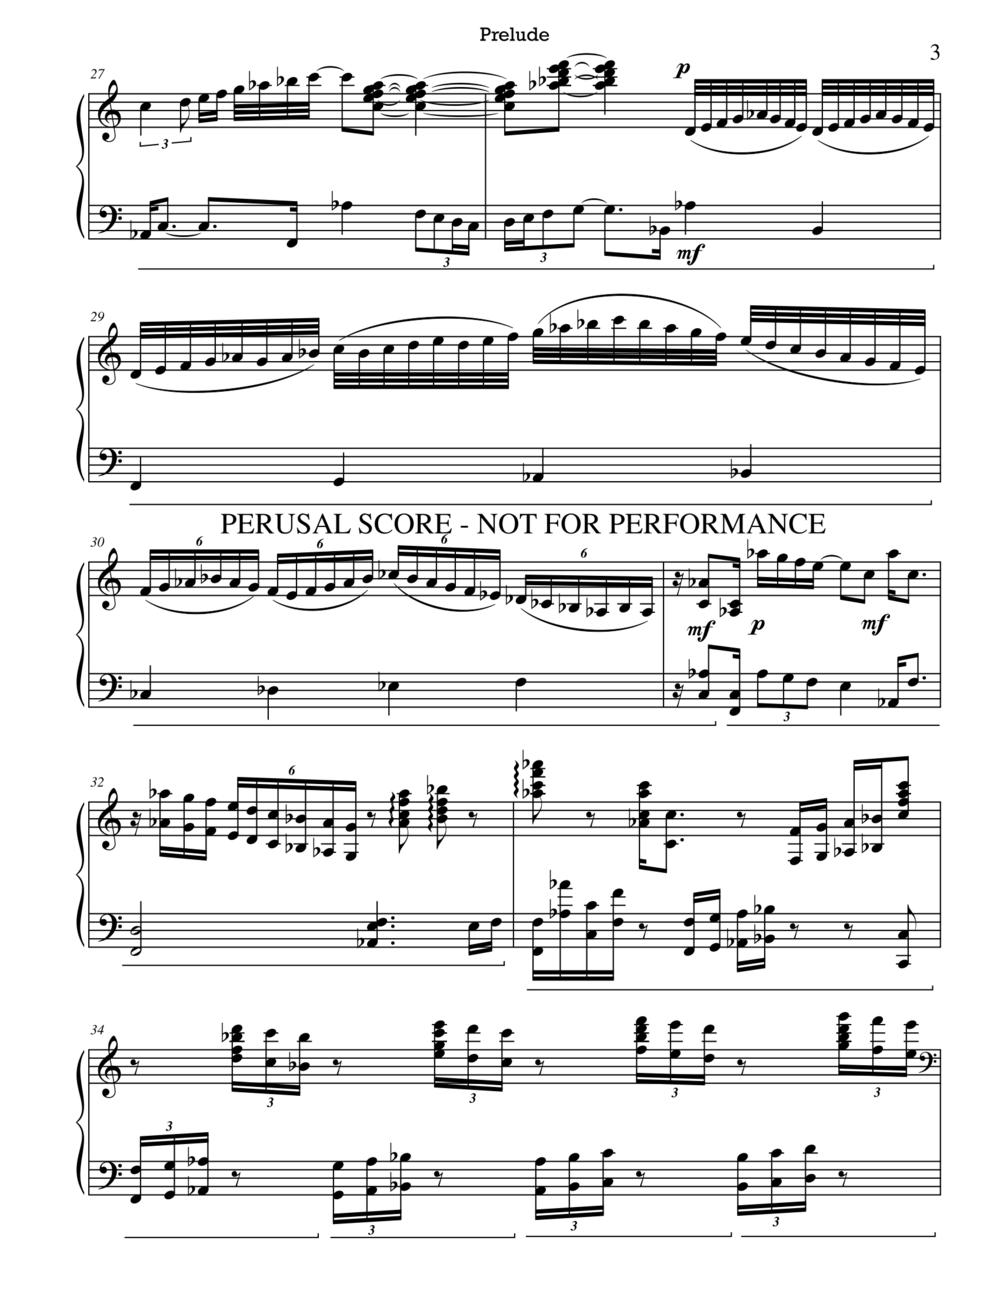 Prelude Perusal-5.png